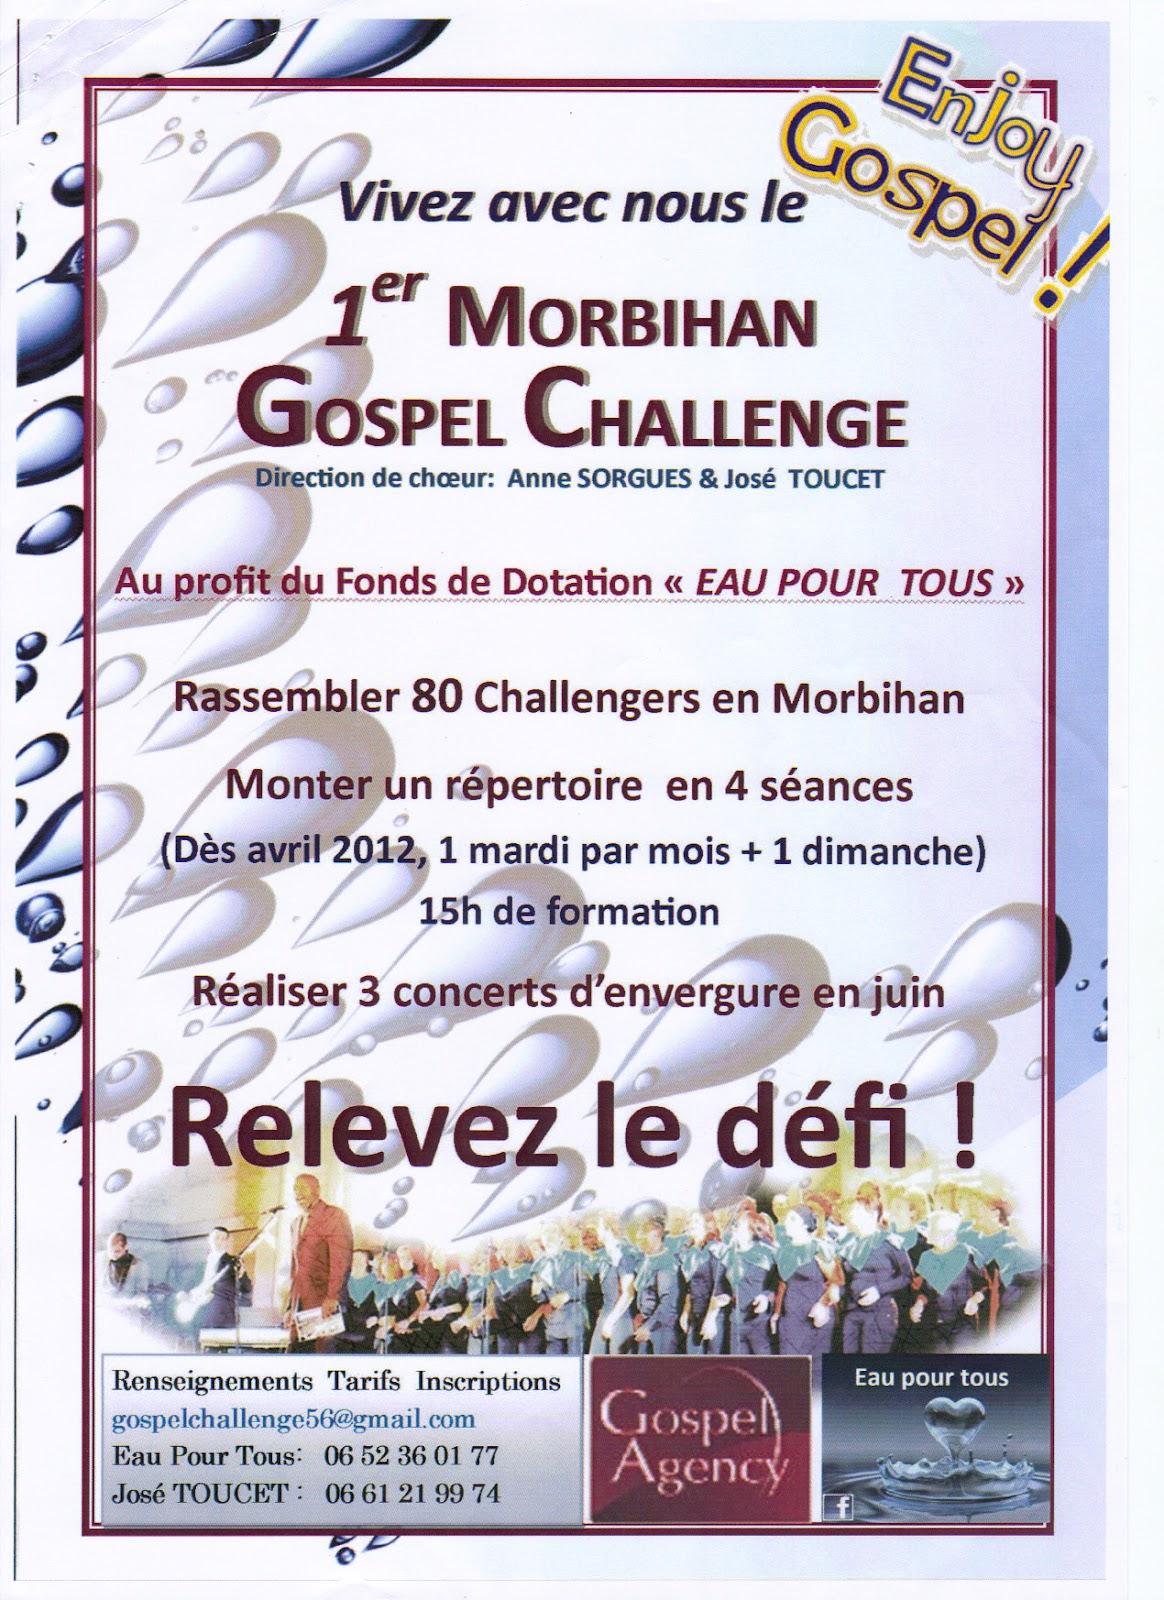 Bon Vendredi 1ER+Gospel+Challenge+Morbihan